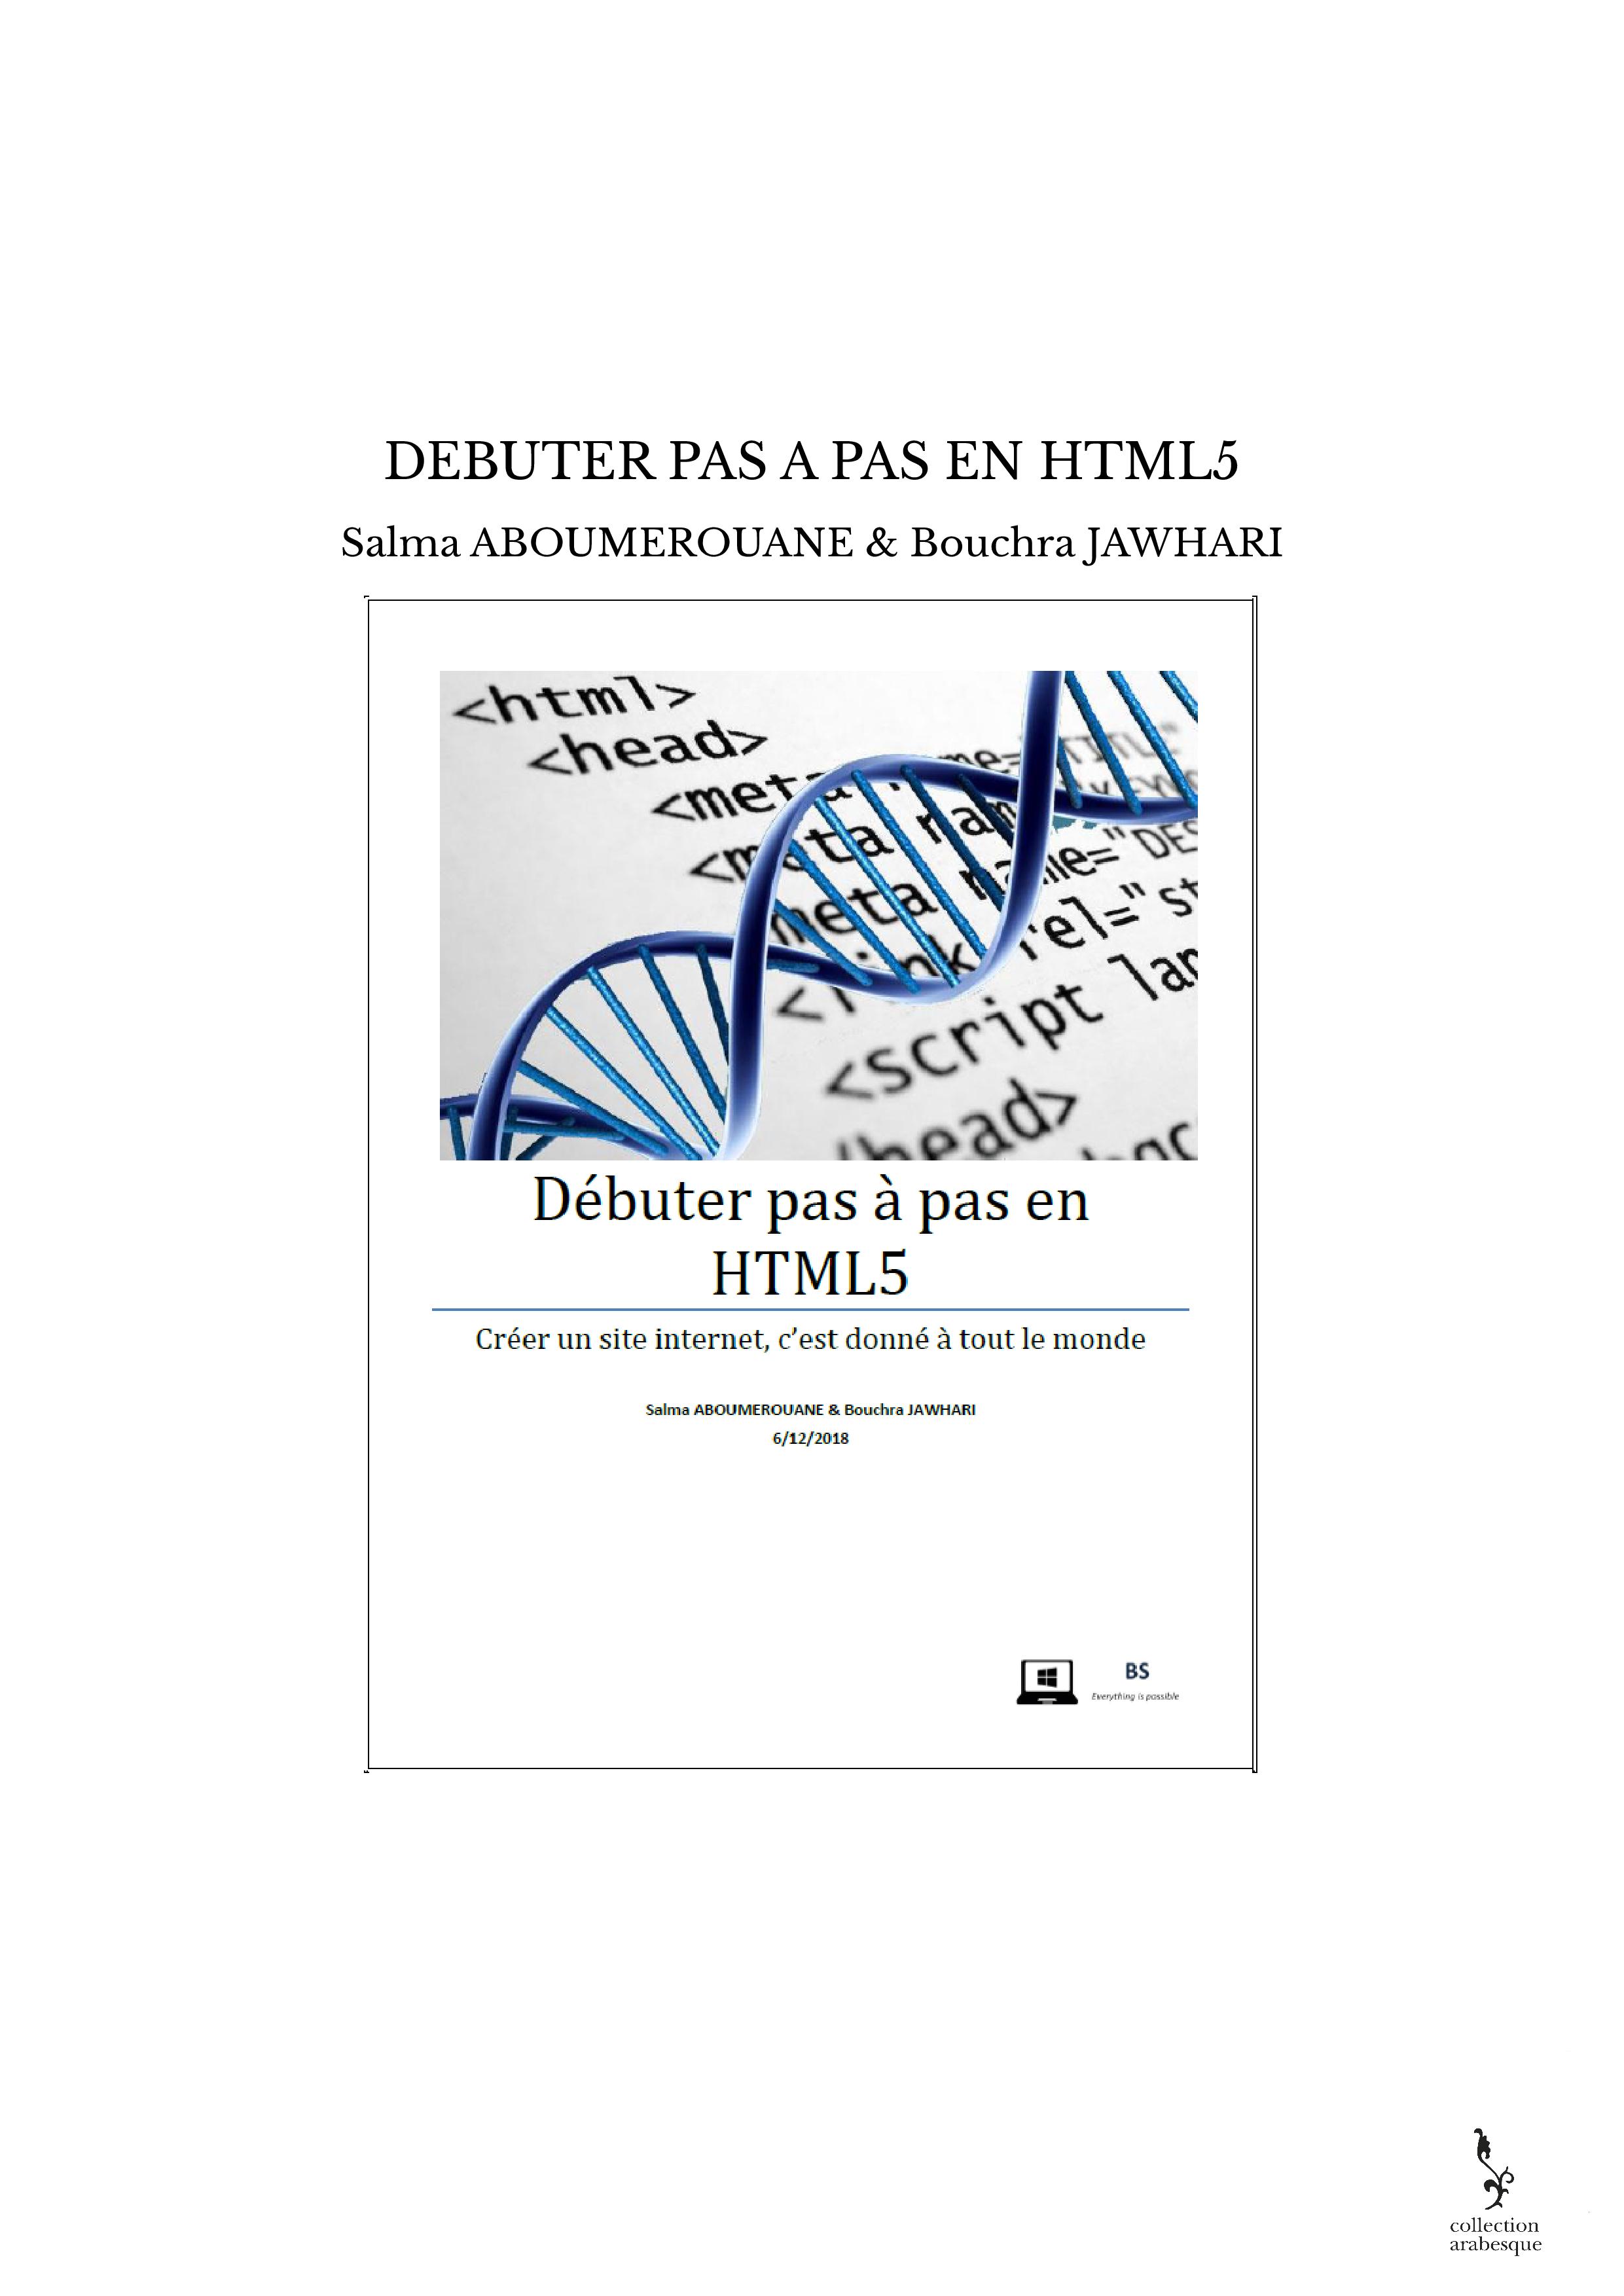 DEBUTER PAS A PAS EN HTML5